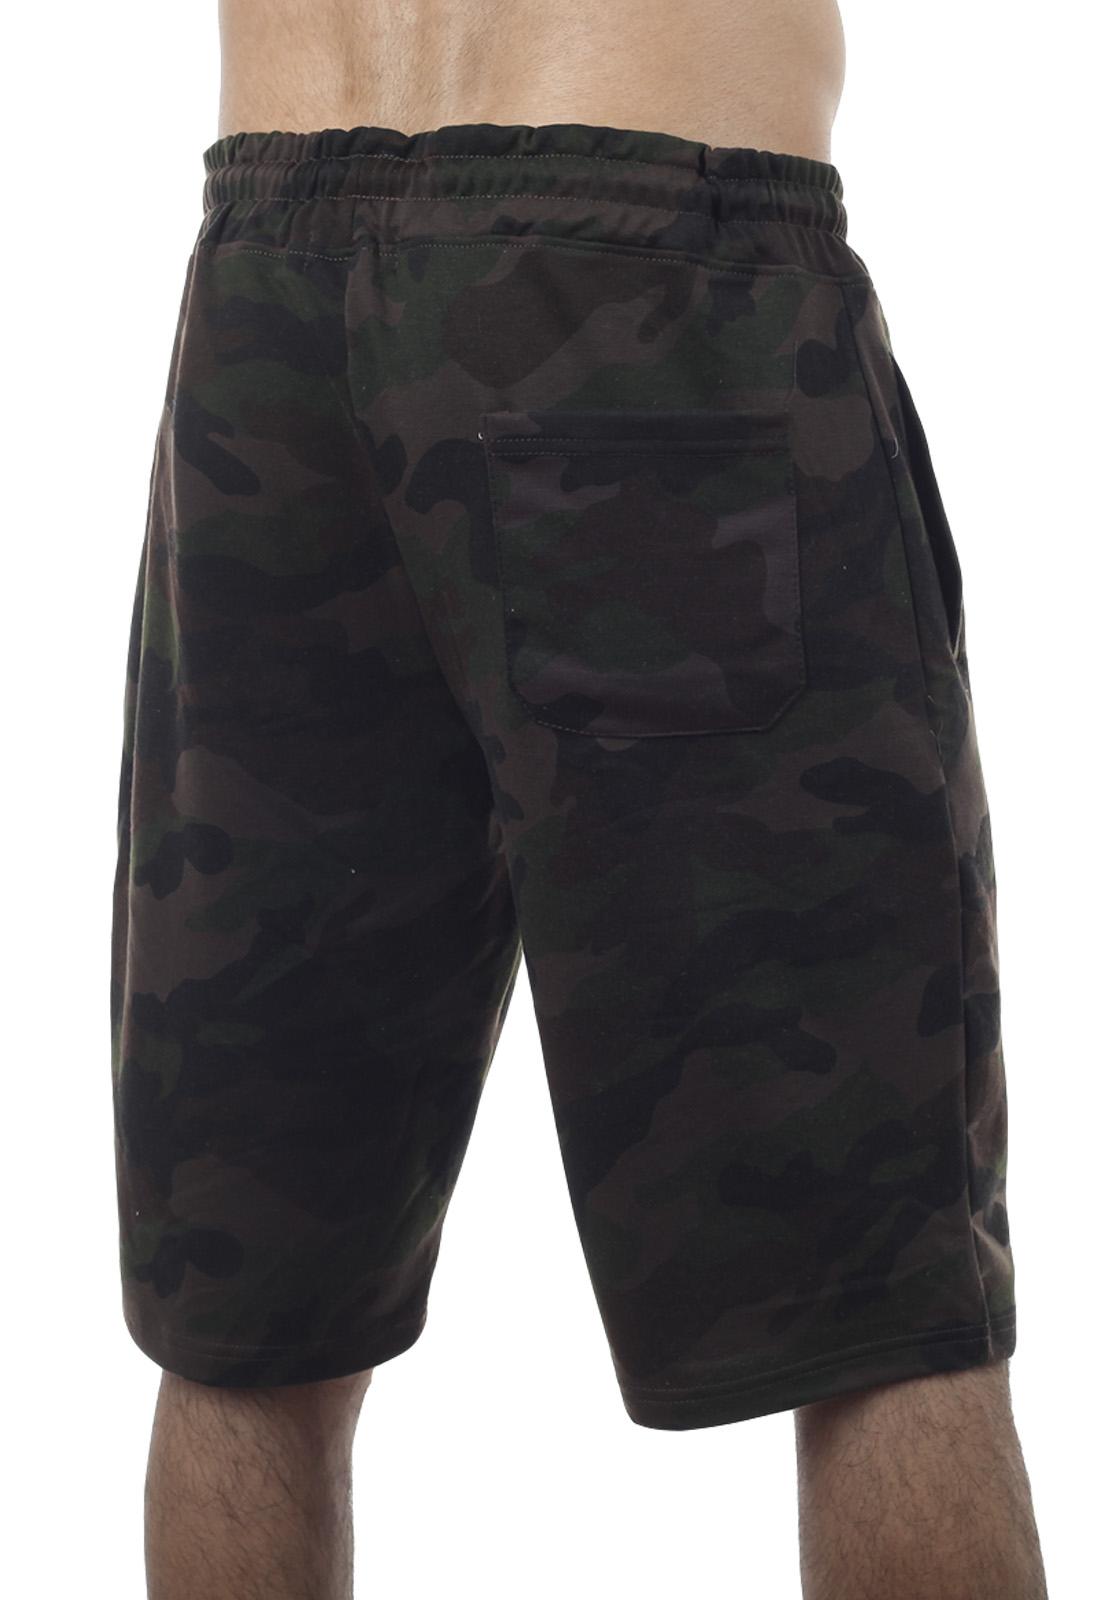 Купить в военторге Военпро военные шорты для мужчин